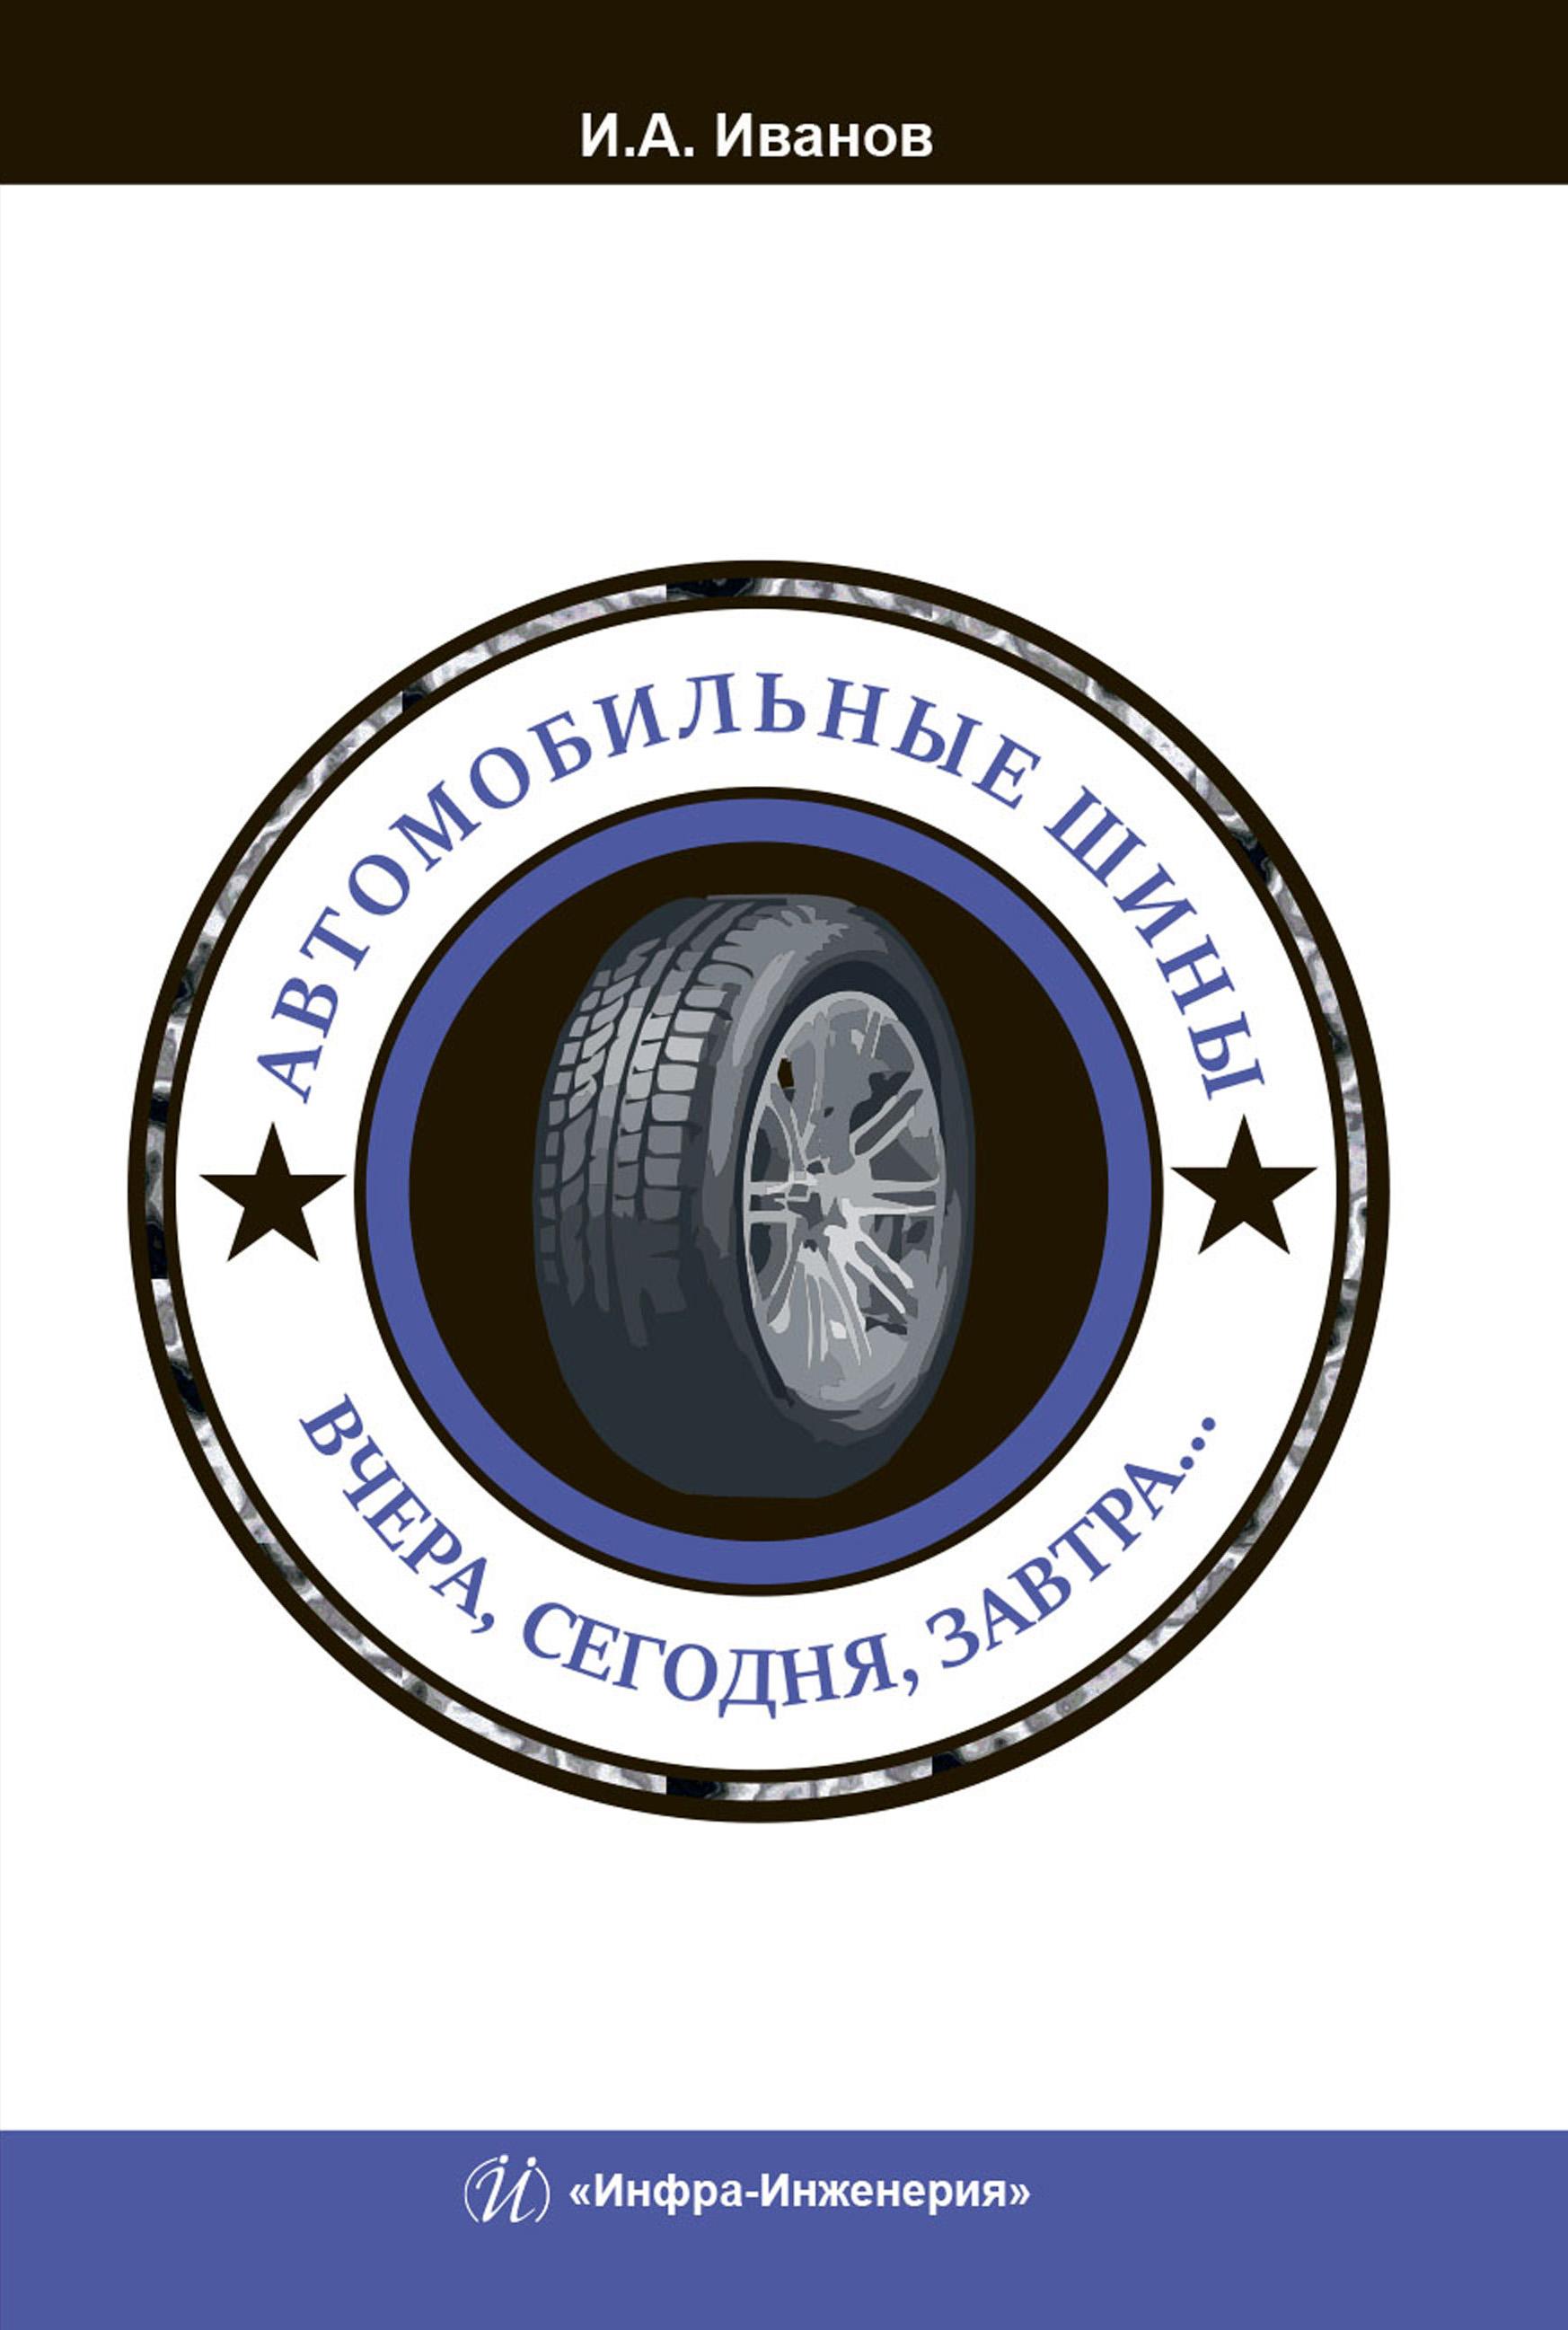 Фото - И. А. Иванов Автомобильные шины. Вчера, сегодня, завтра… шины для легковых автомобилей kormoran шины автомобильные зимние 175 70r 14 84 500 кг t до 190 км ч